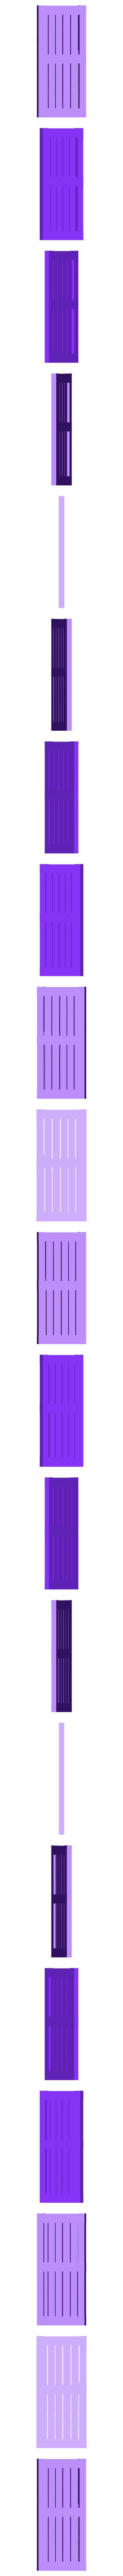 sqr_door2.stl Télécharger fichier STL gratuit Ripper's London - The (Modular) Factory • Modèle pour imprimante 3D, Earsling